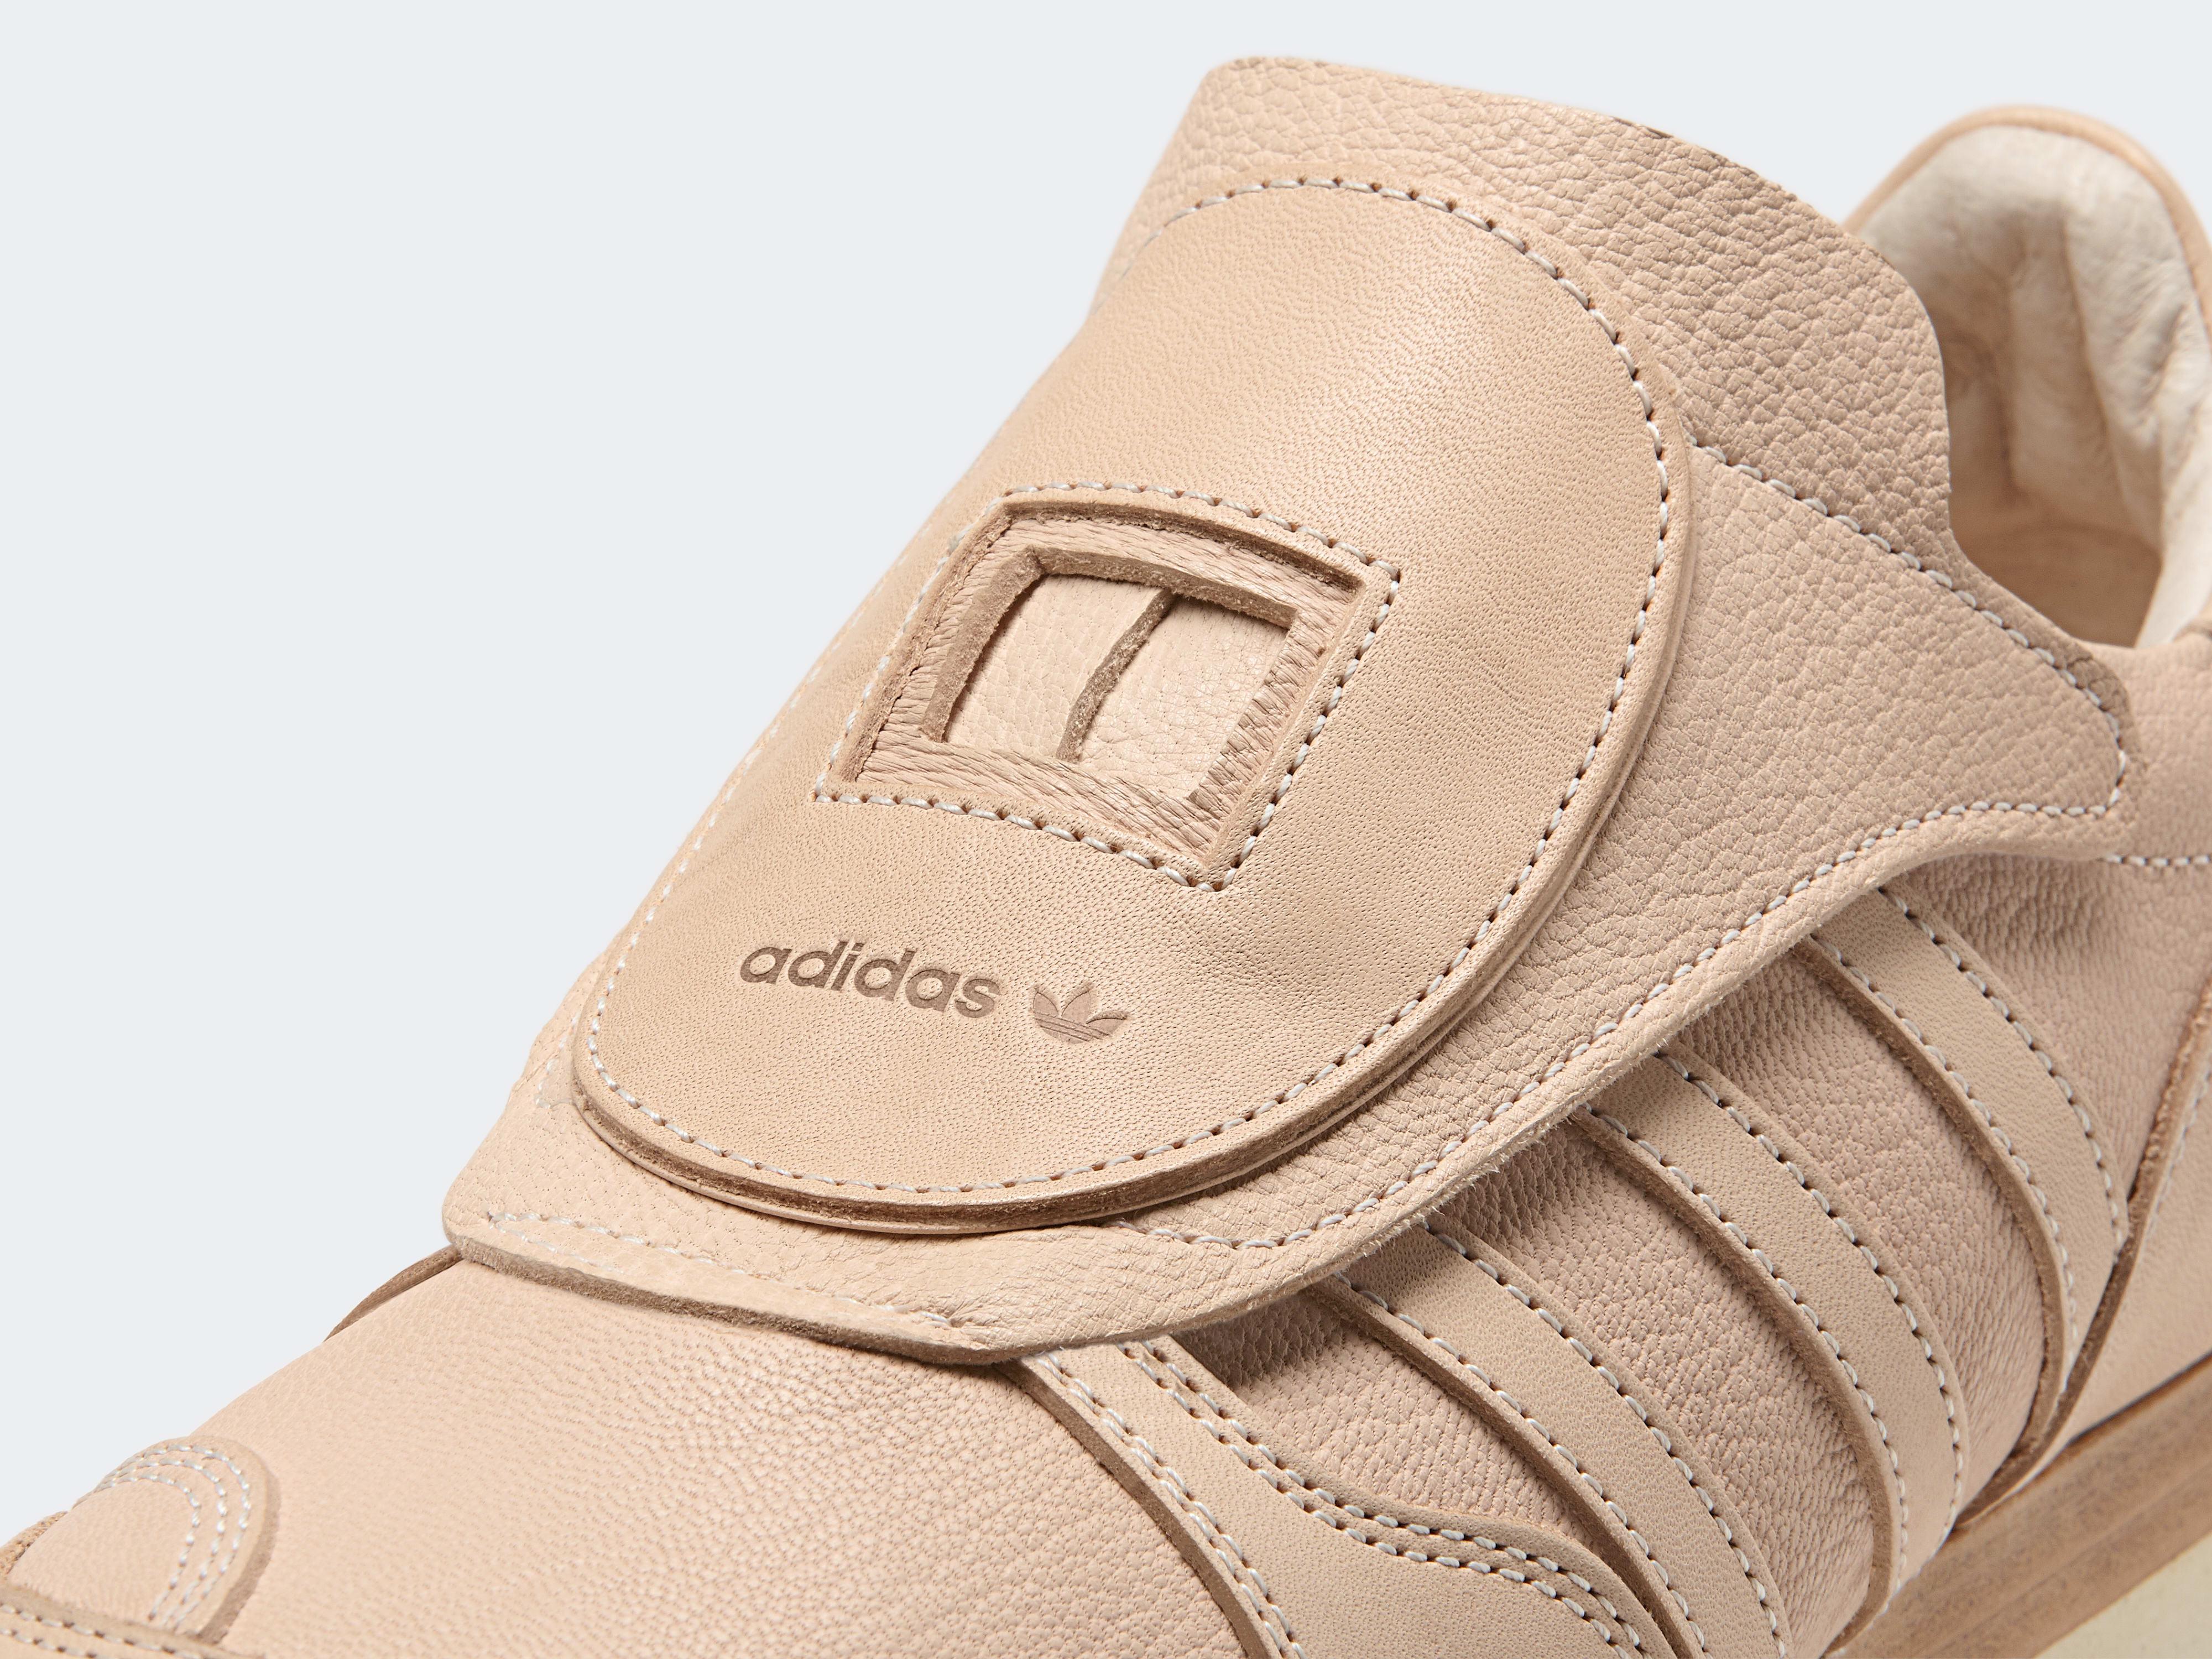 adidas-hender-scheme8